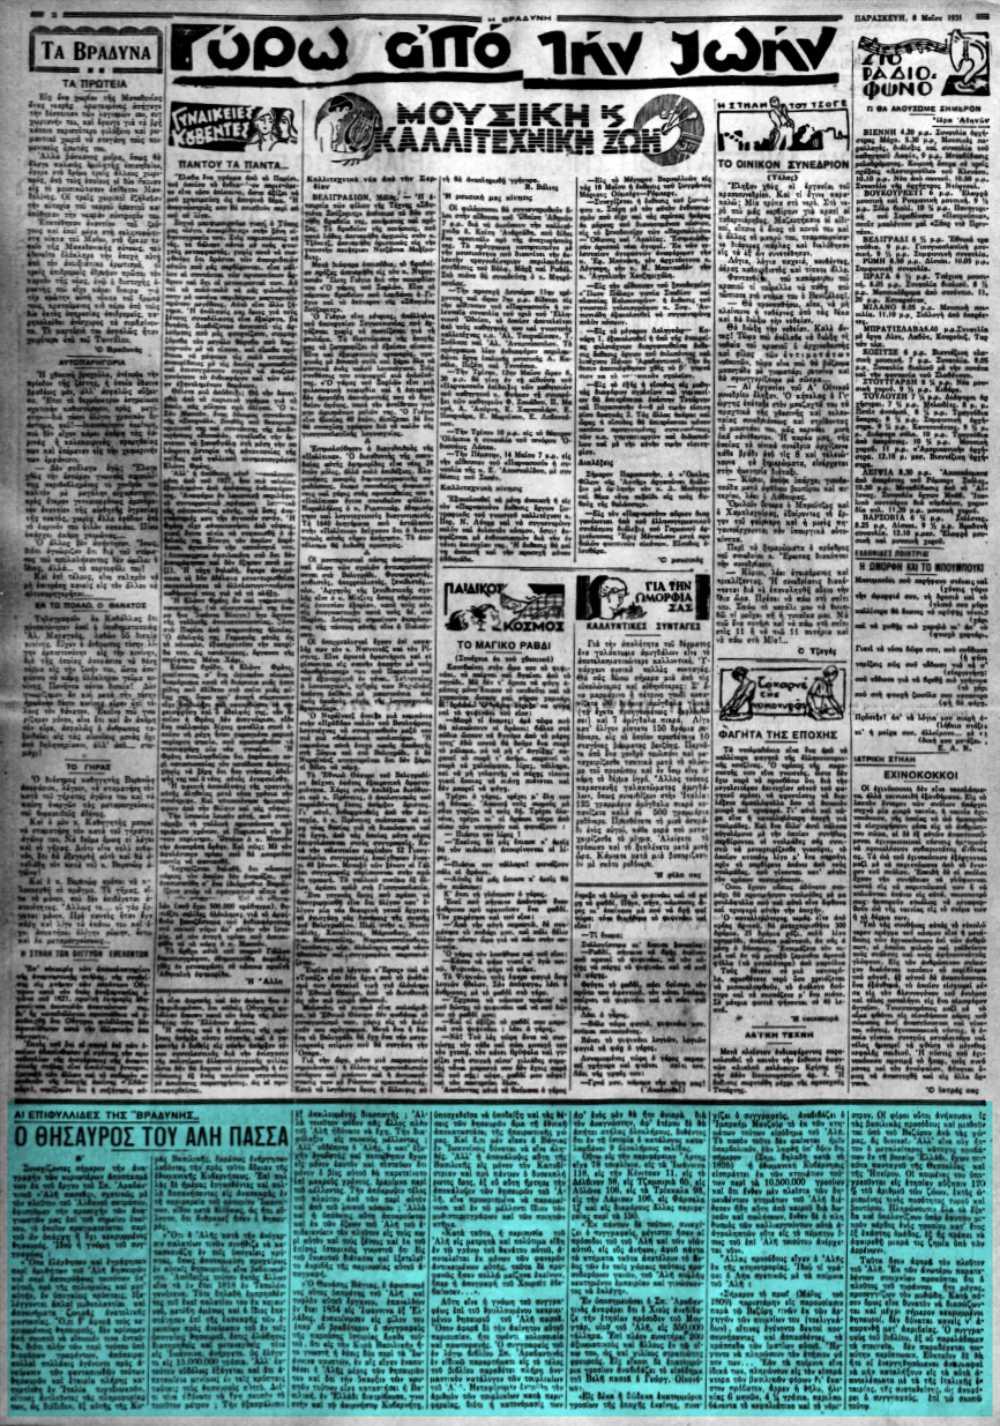 """Το άρθρο, όπως δημοσιεύθηκε στην εφημερίδα """"Η ΒΡΑΔΥΝΗ"""", στις 08/05/1931"""